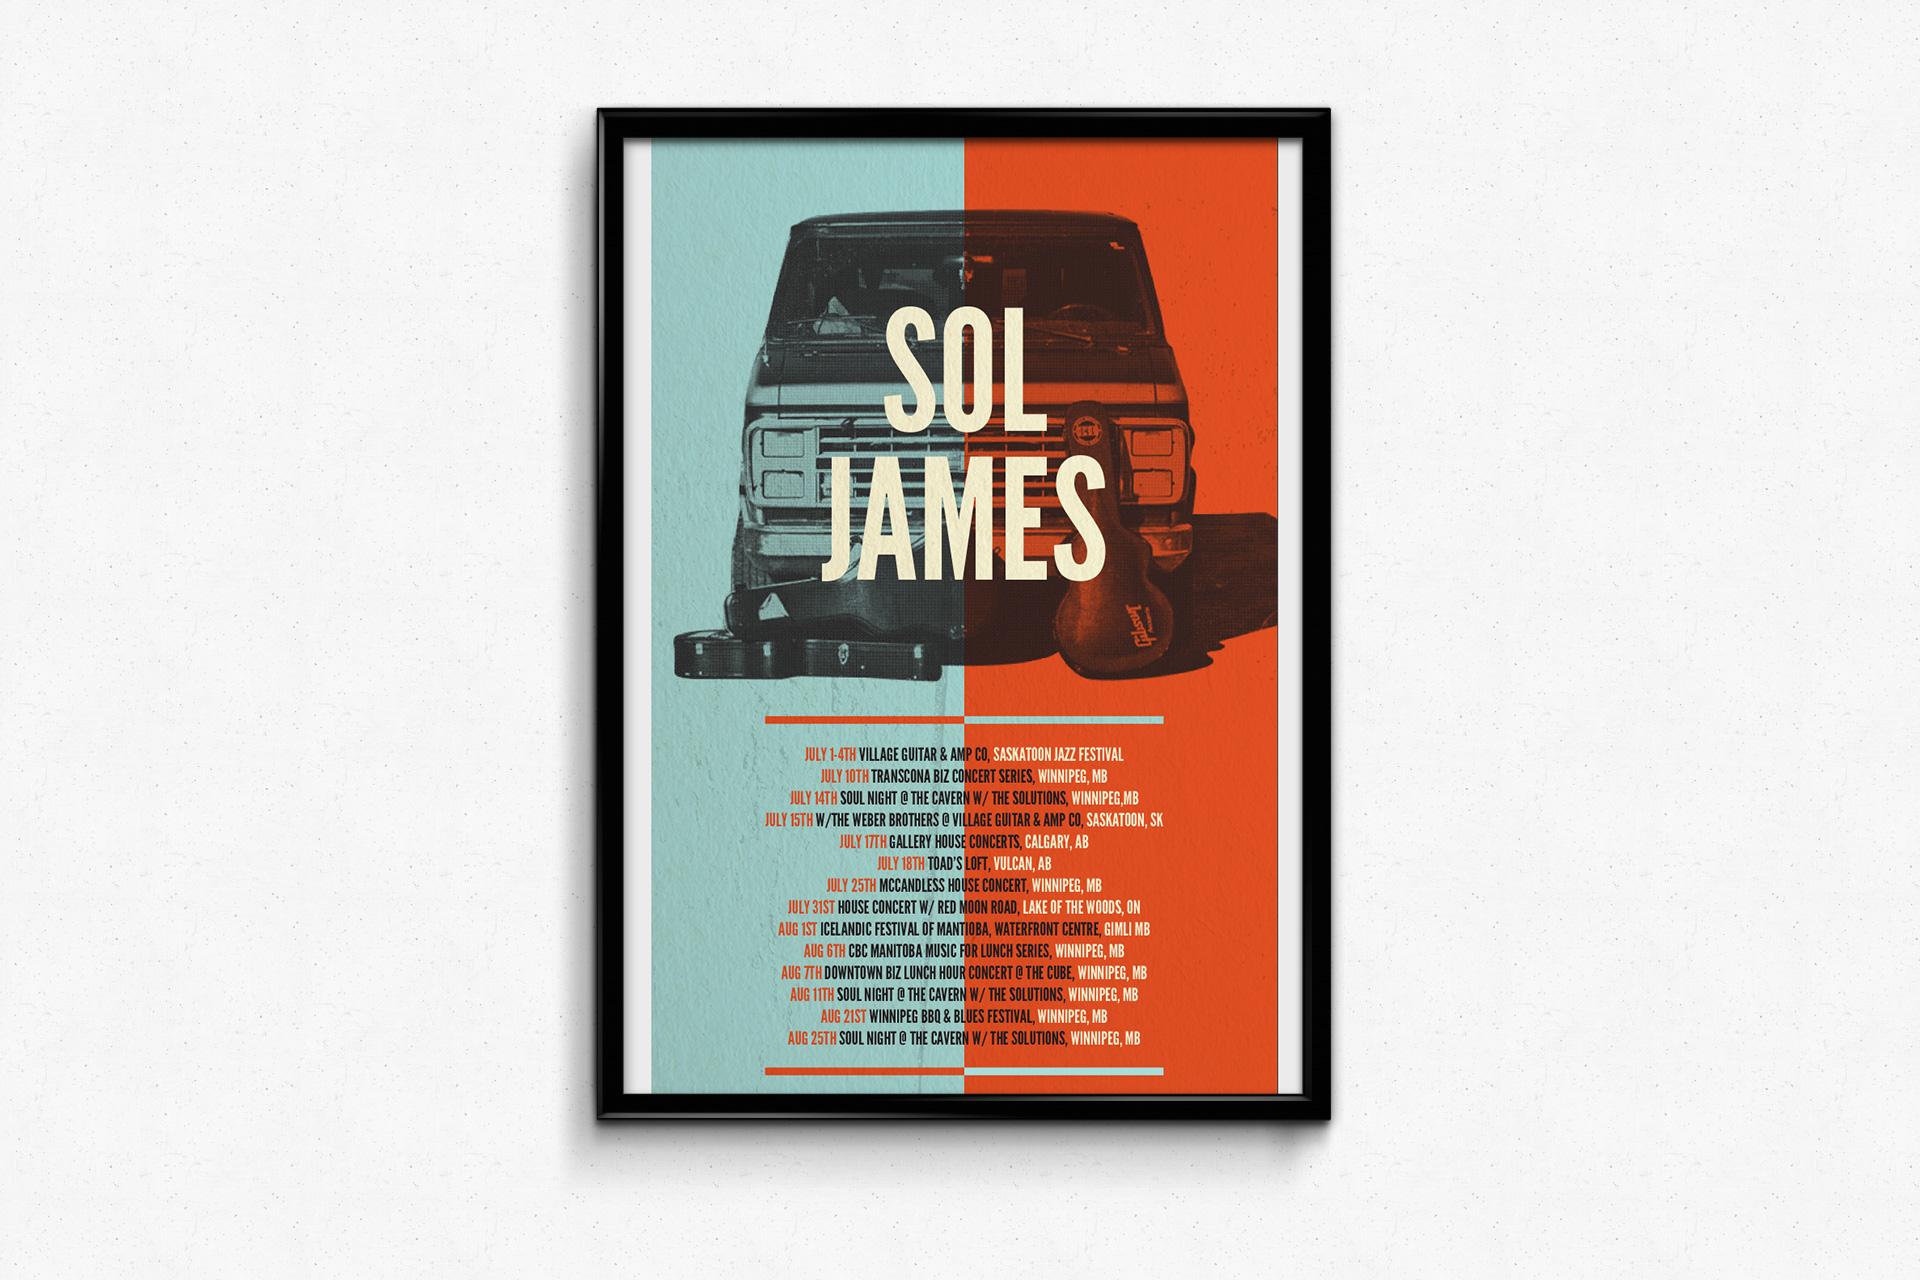 Sol James